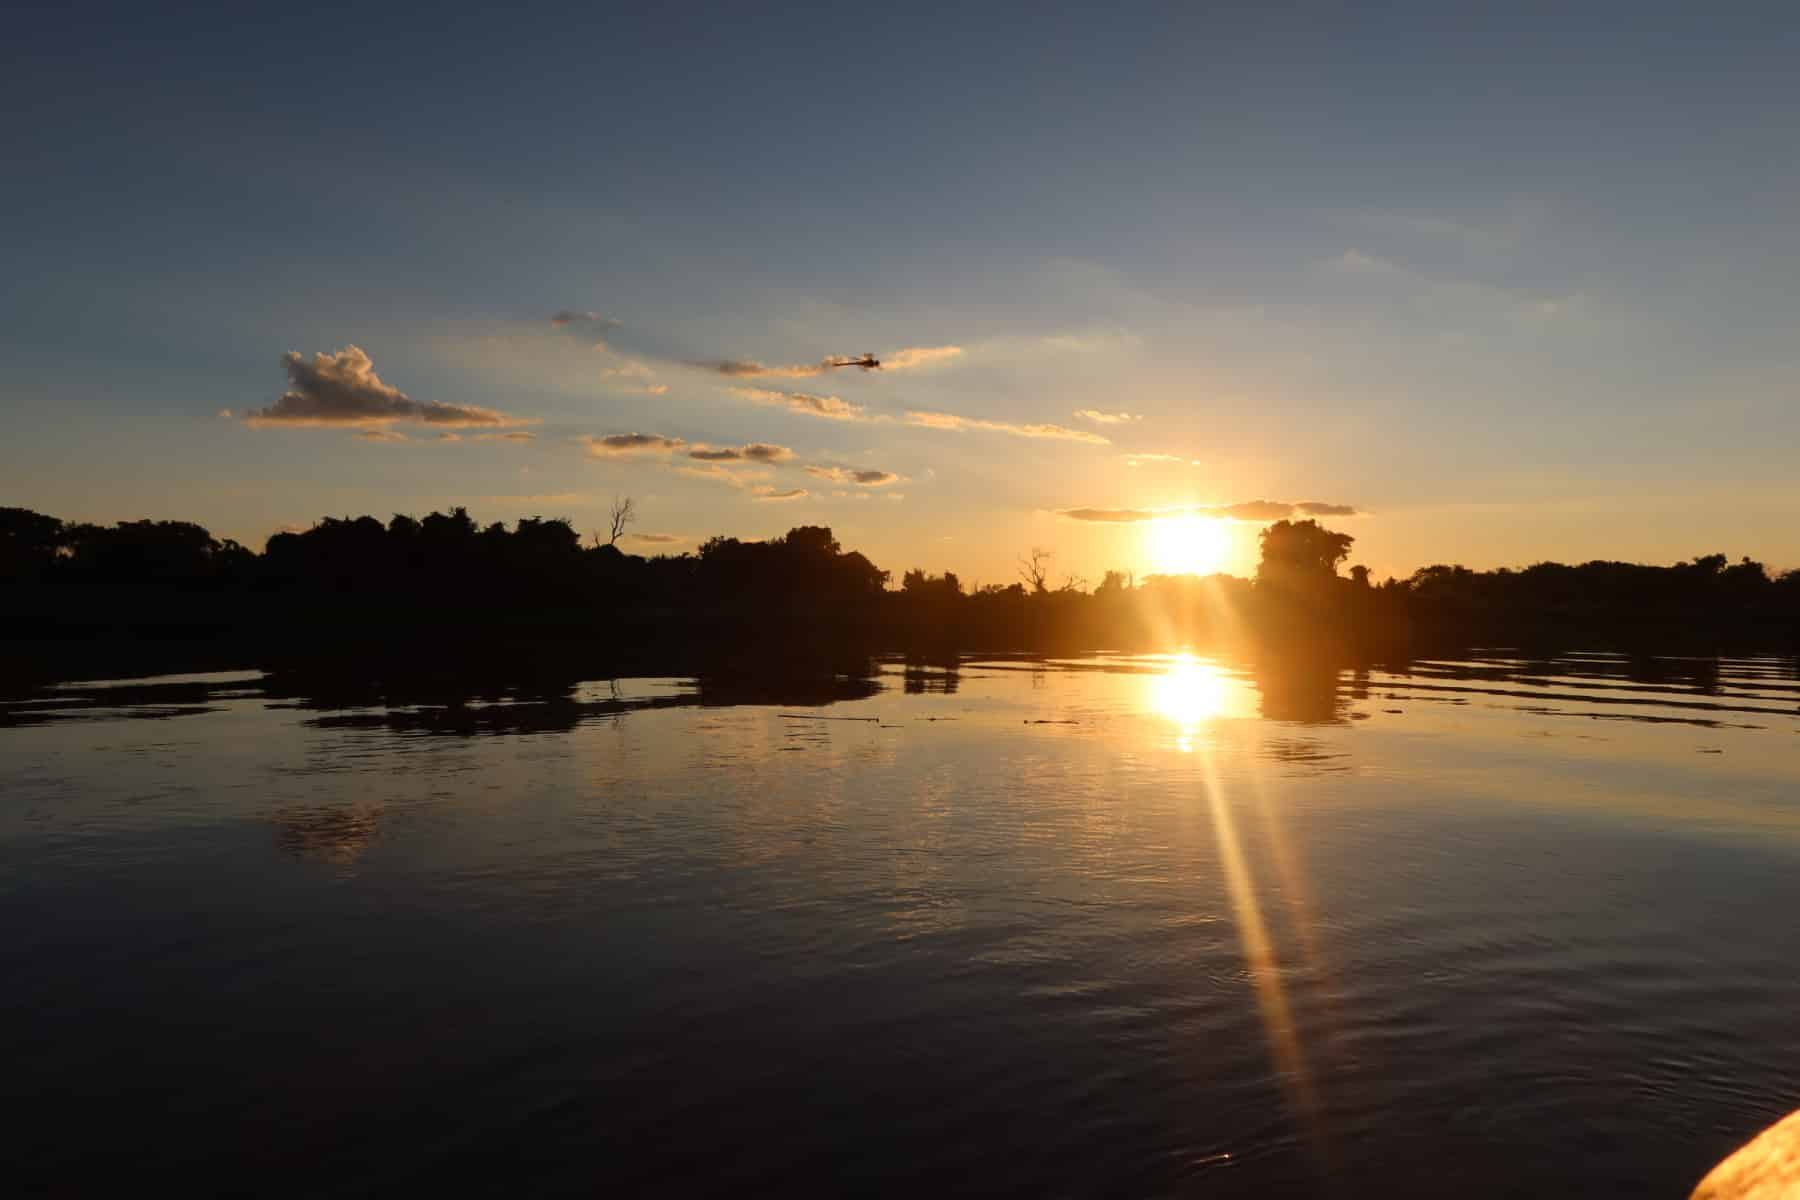 Pôr do sol a bordo de um barco no rio Paraguai